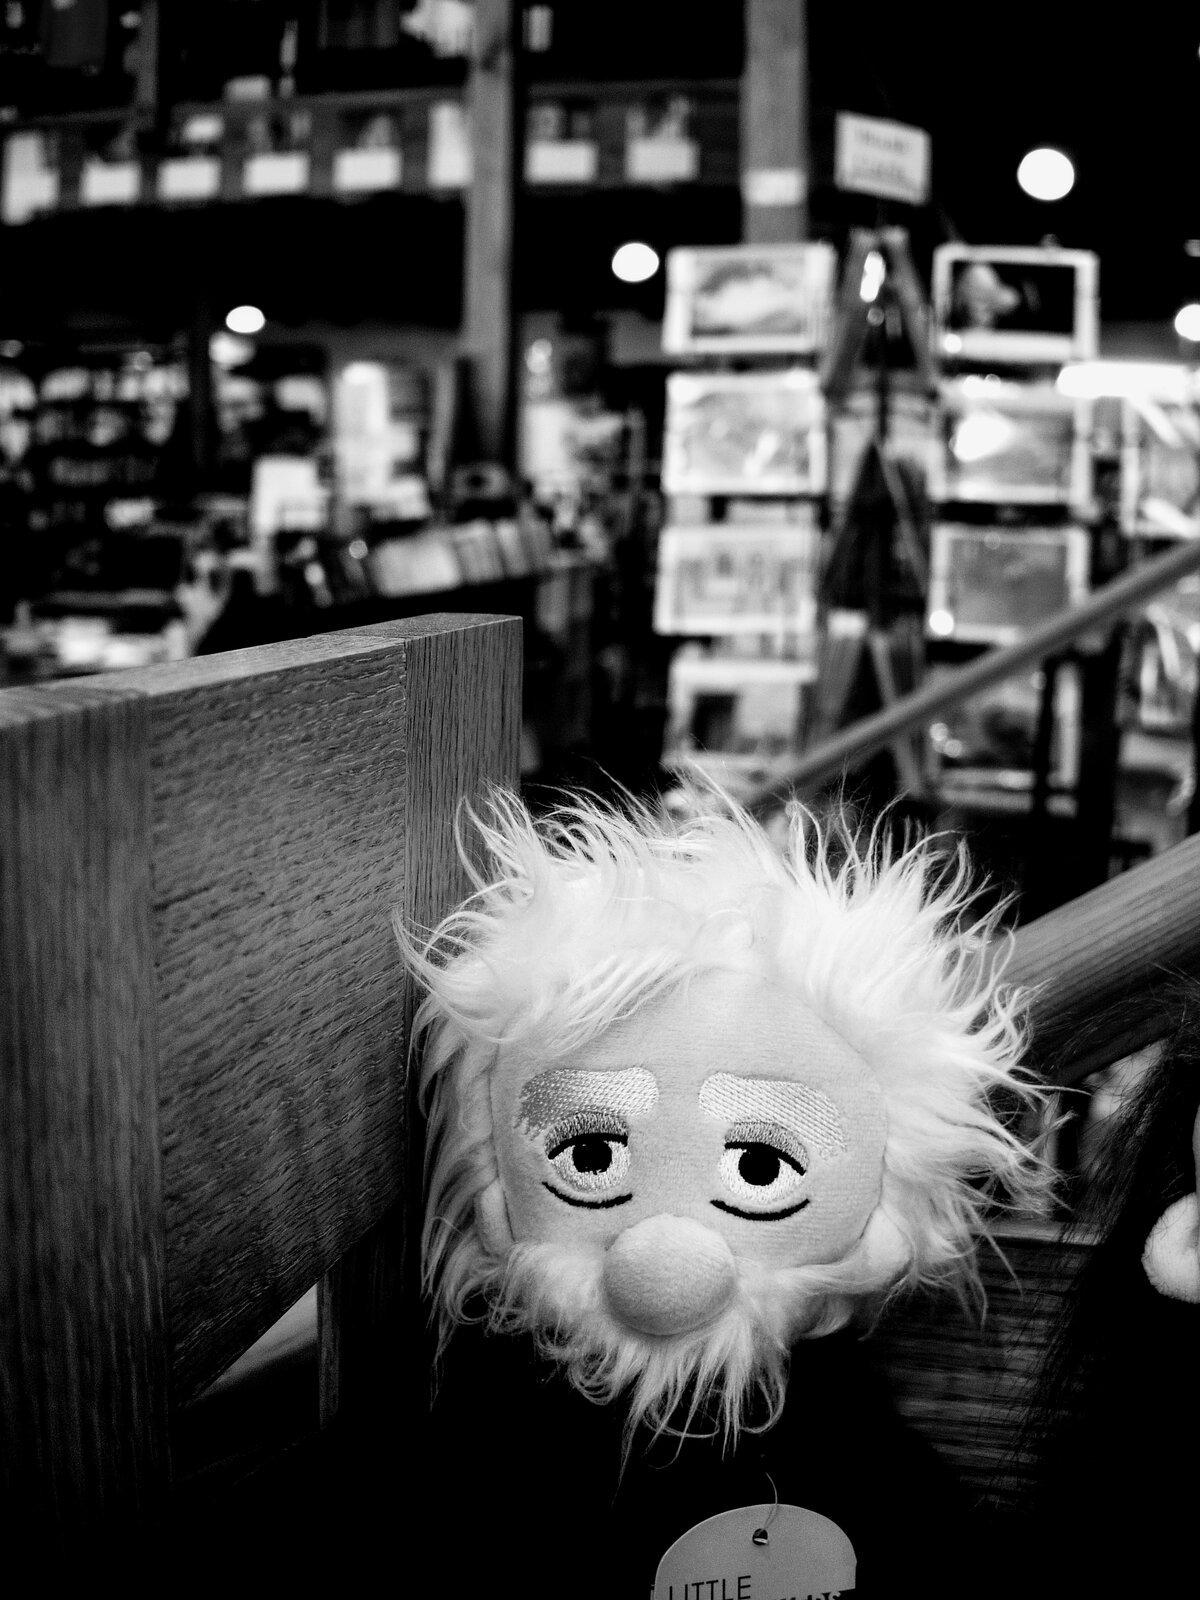 Q7_Sept9_21_Einstein_puppet.jpg